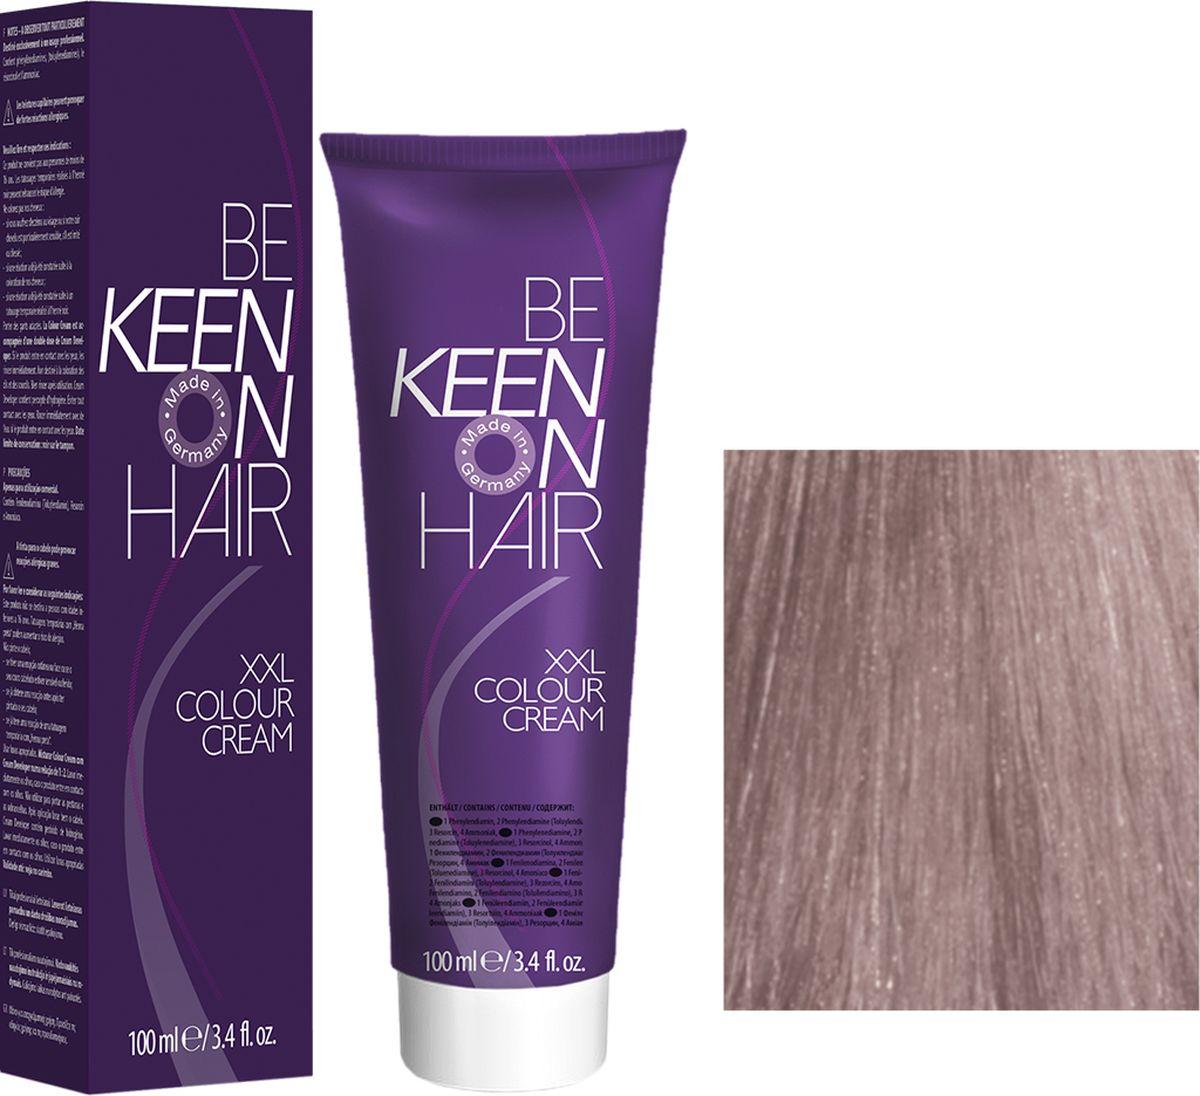 Keen Краска для волос 8.8 Жемчужный блондин Blond Perl, 100 мл69100084Модные оттенкиБолее 100 оттенков для креативной комбинации цветов.ЭкономичностьПри использовании тюбика 100 мл вы получаете оптимальное соотношение цены и качества!УходМолочный белок поддерживает структуру волоса во время окрашивания и придает волосам блеск и шелковистость. Протеины хорошо встраиваются в волосы и снабжают их влагой.